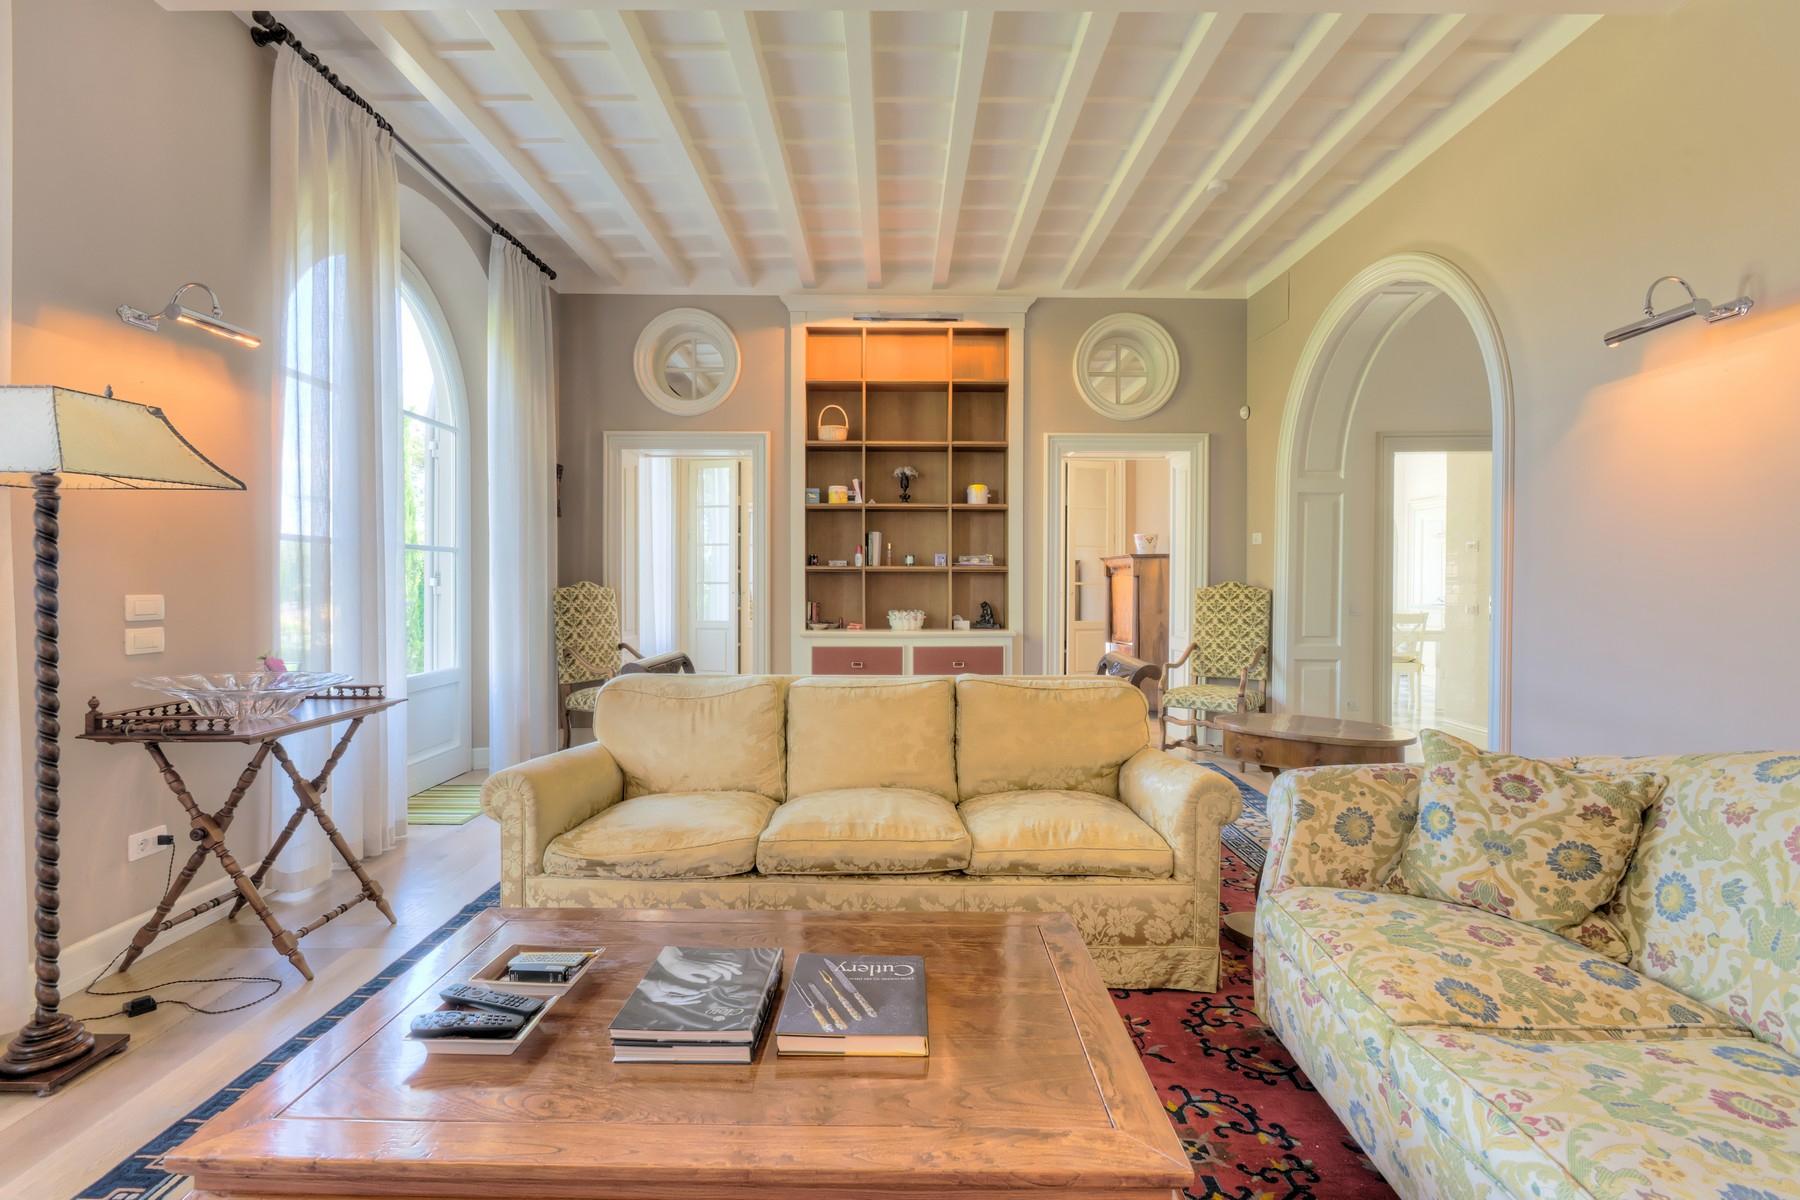 Villa in Vendita a Firenze: 5 locali, 360 mq - Foto 4